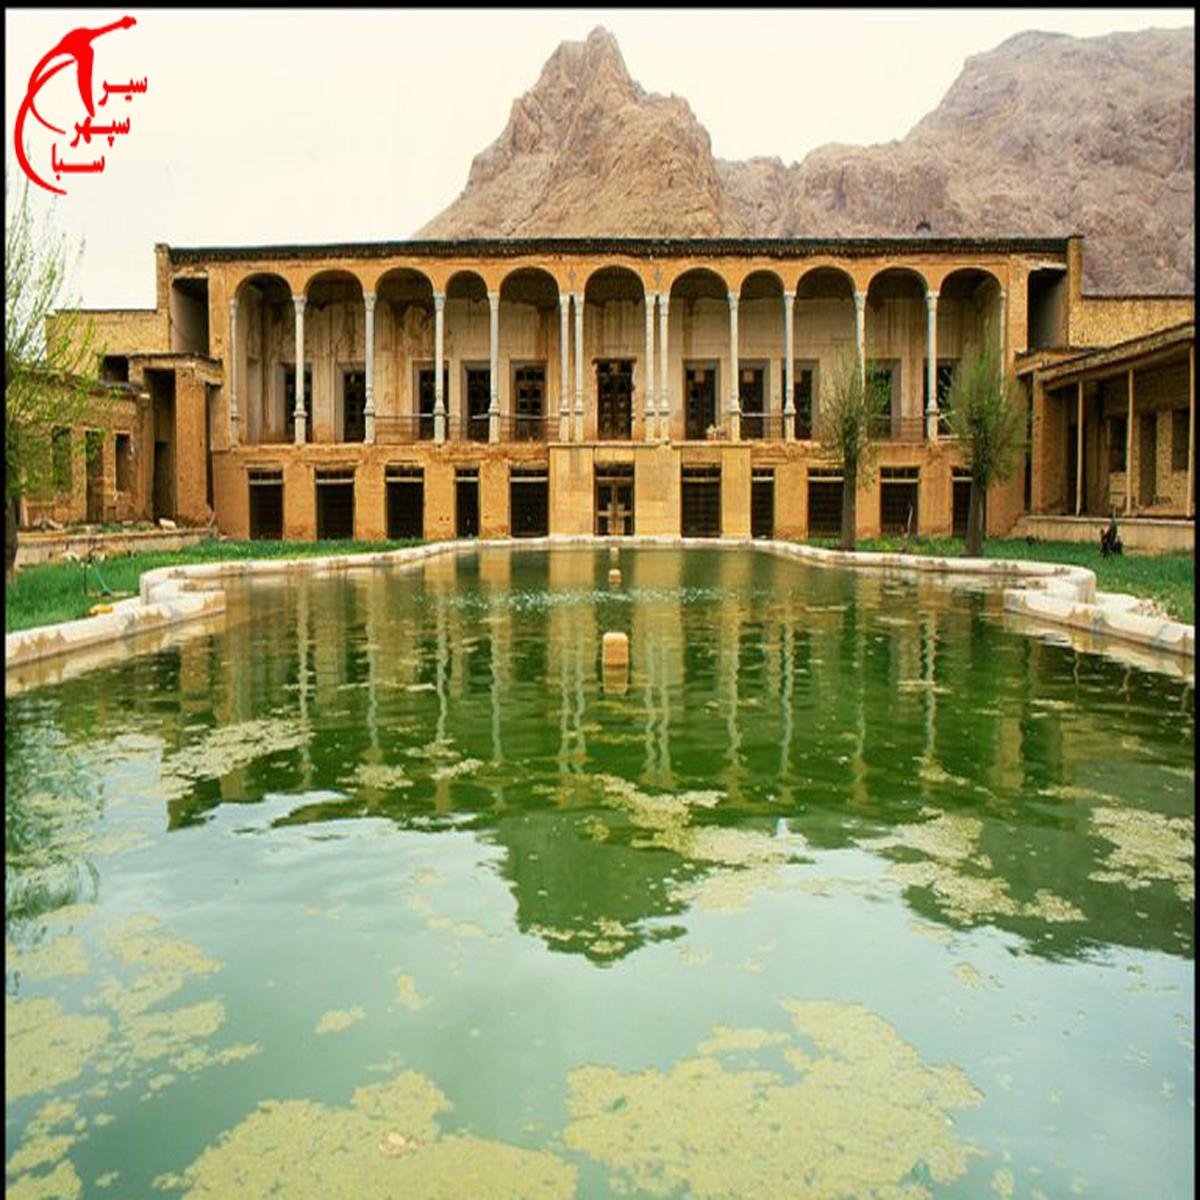 جاذبه های تاریخی استان چهارمحال و بختیاری   چهارمحال و بختیاری